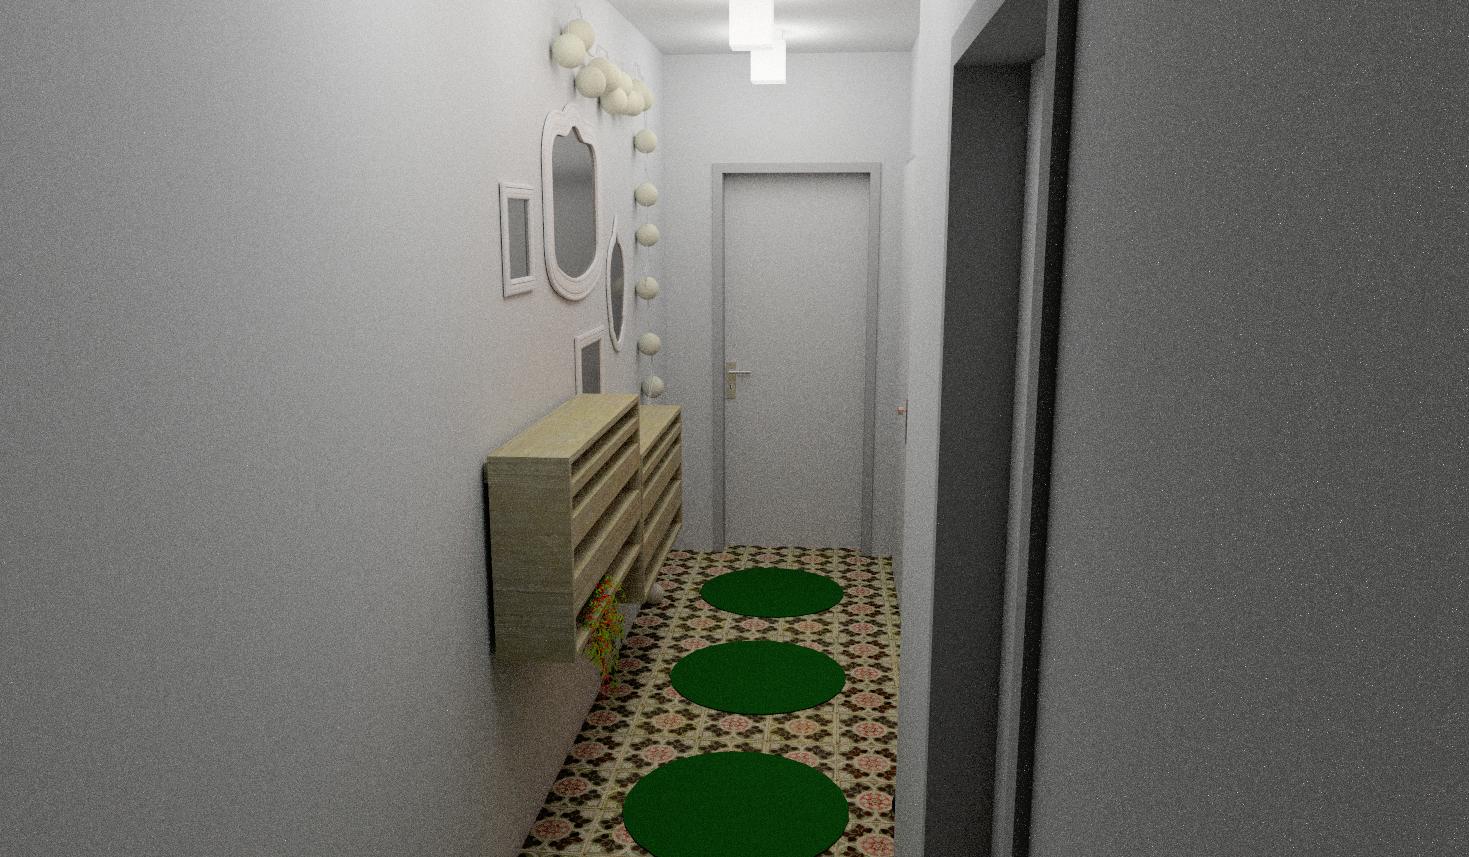 Tappeti zebrati ikea ikea tappeto mucca zottozcom camera - Il tappeto del corridoio ...